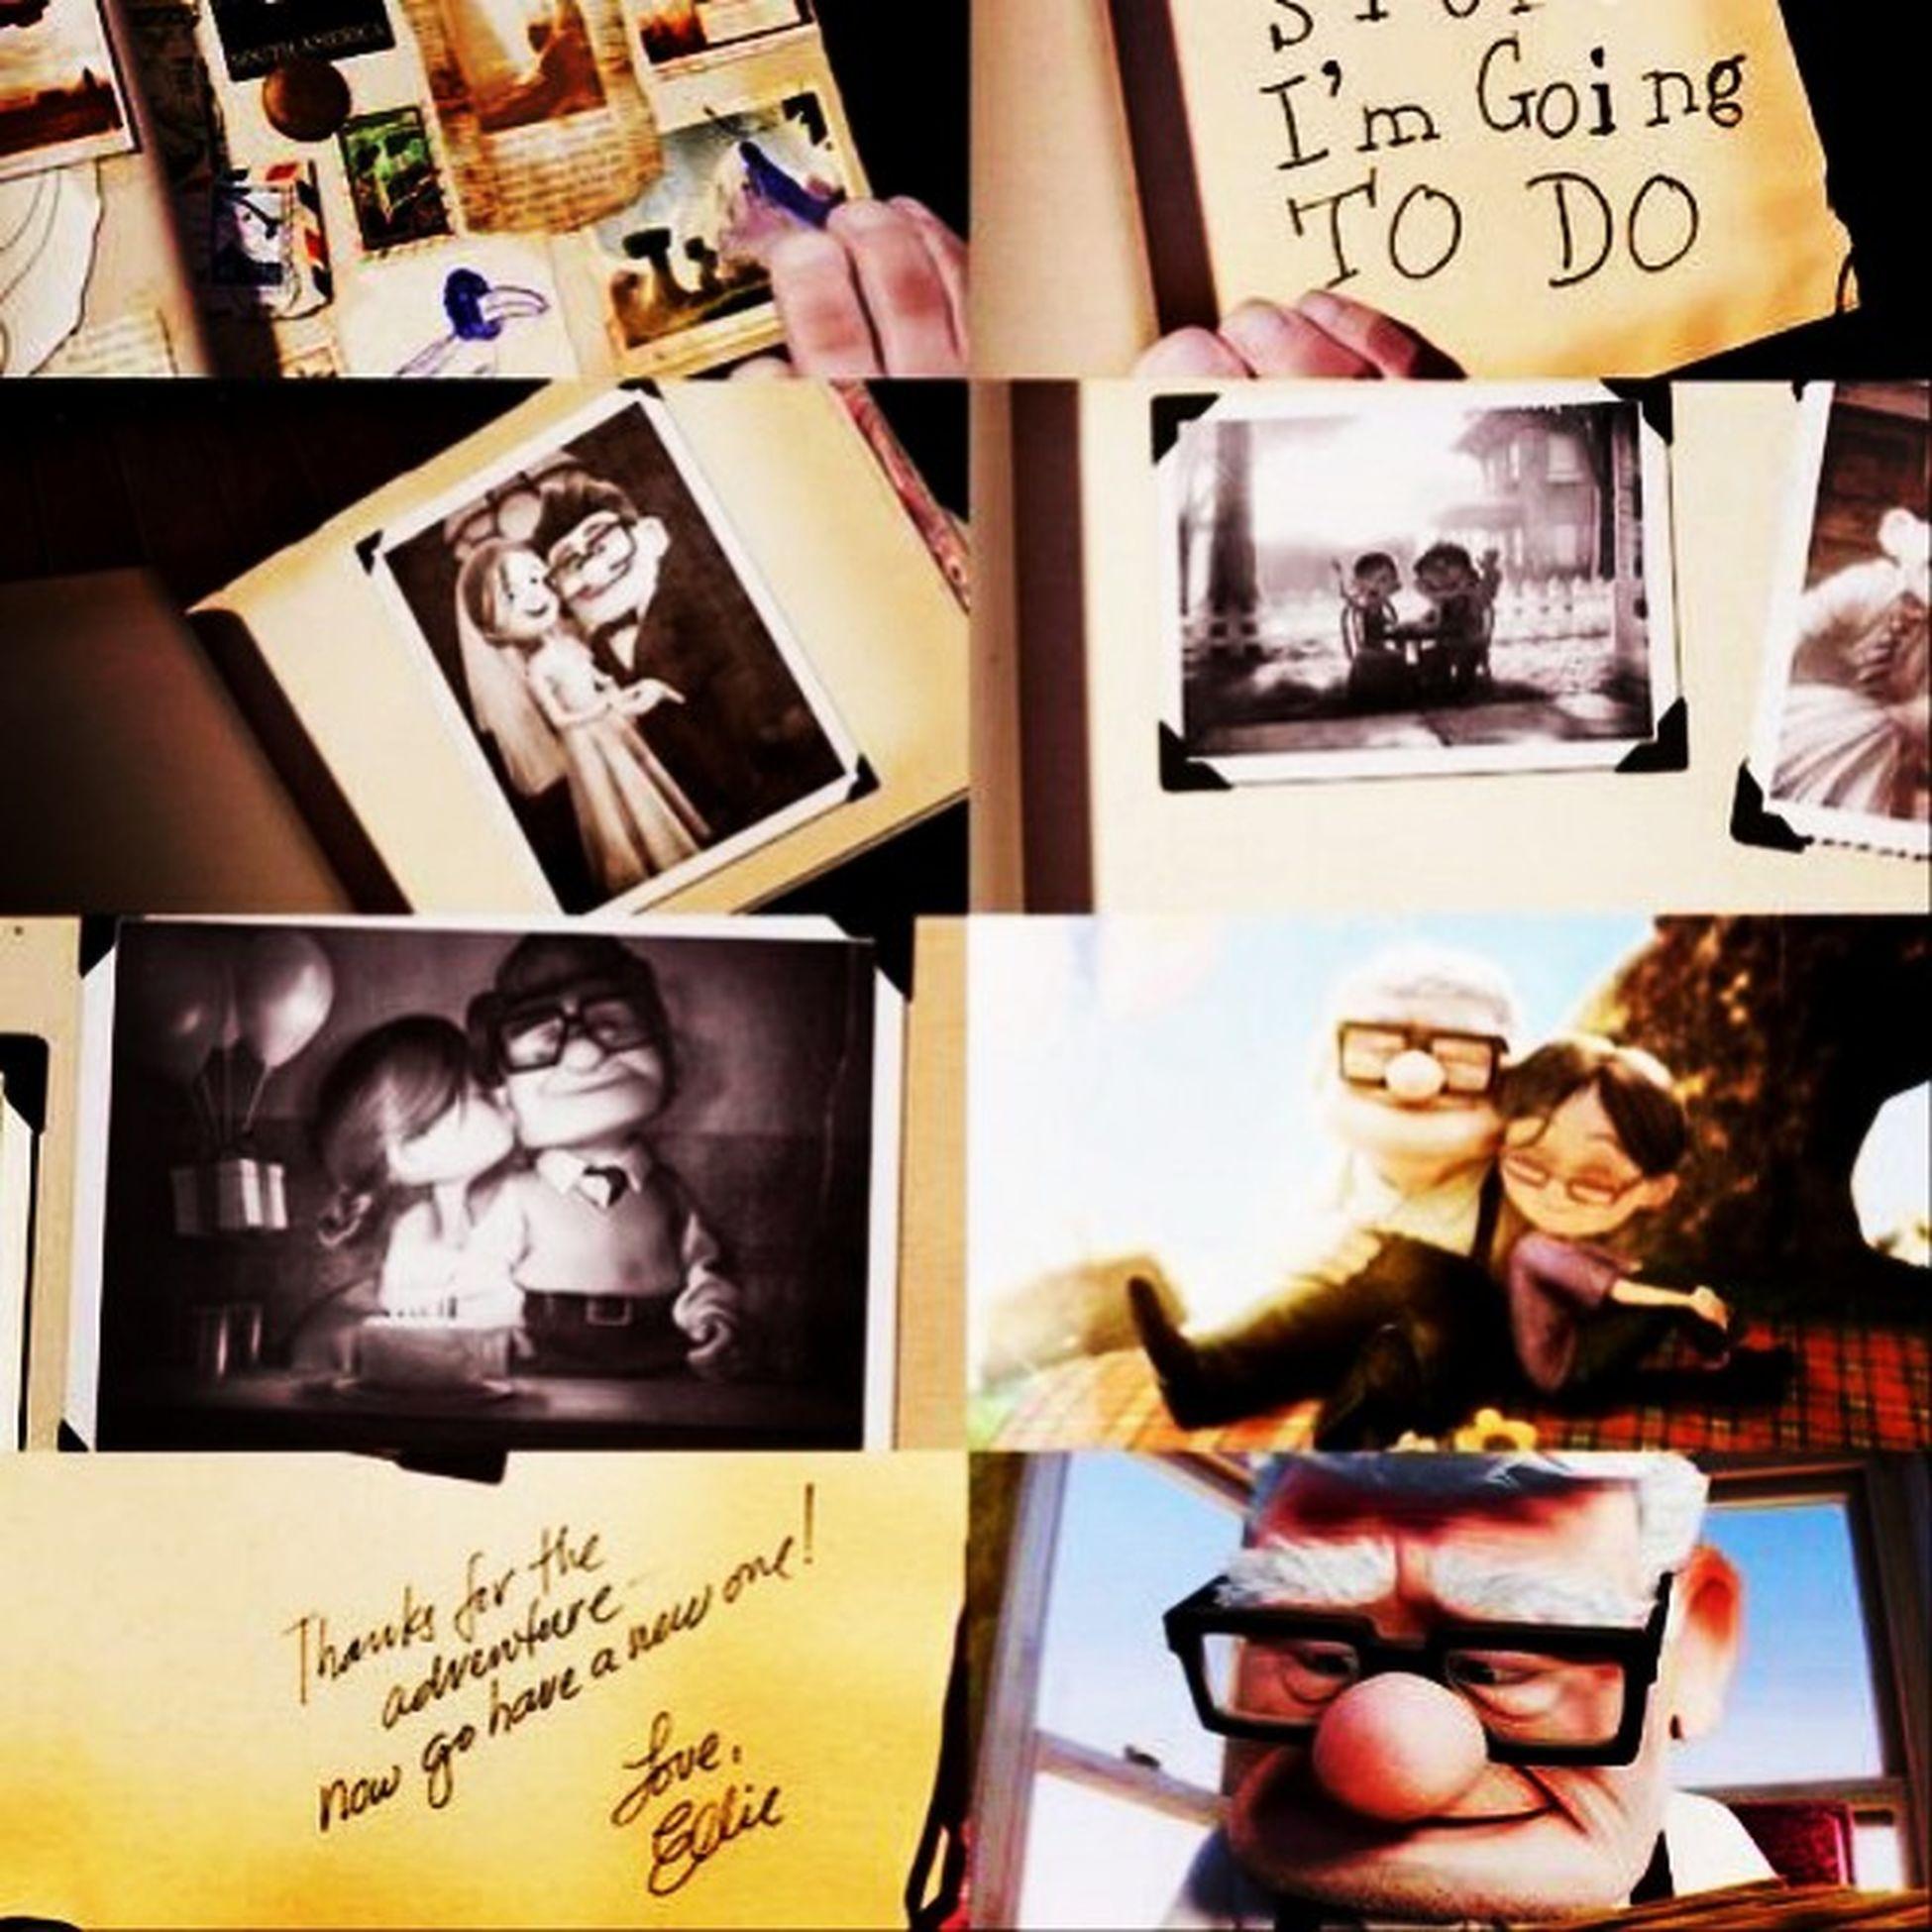 Eu desejo pra mim a mesma história e intensidade de amor O filme mais puro e lindo! 💕 Up Upaltasaventuras Upaltasaventurasfilme Melhorfilme amoreterno kevin beautifulmovie lovin